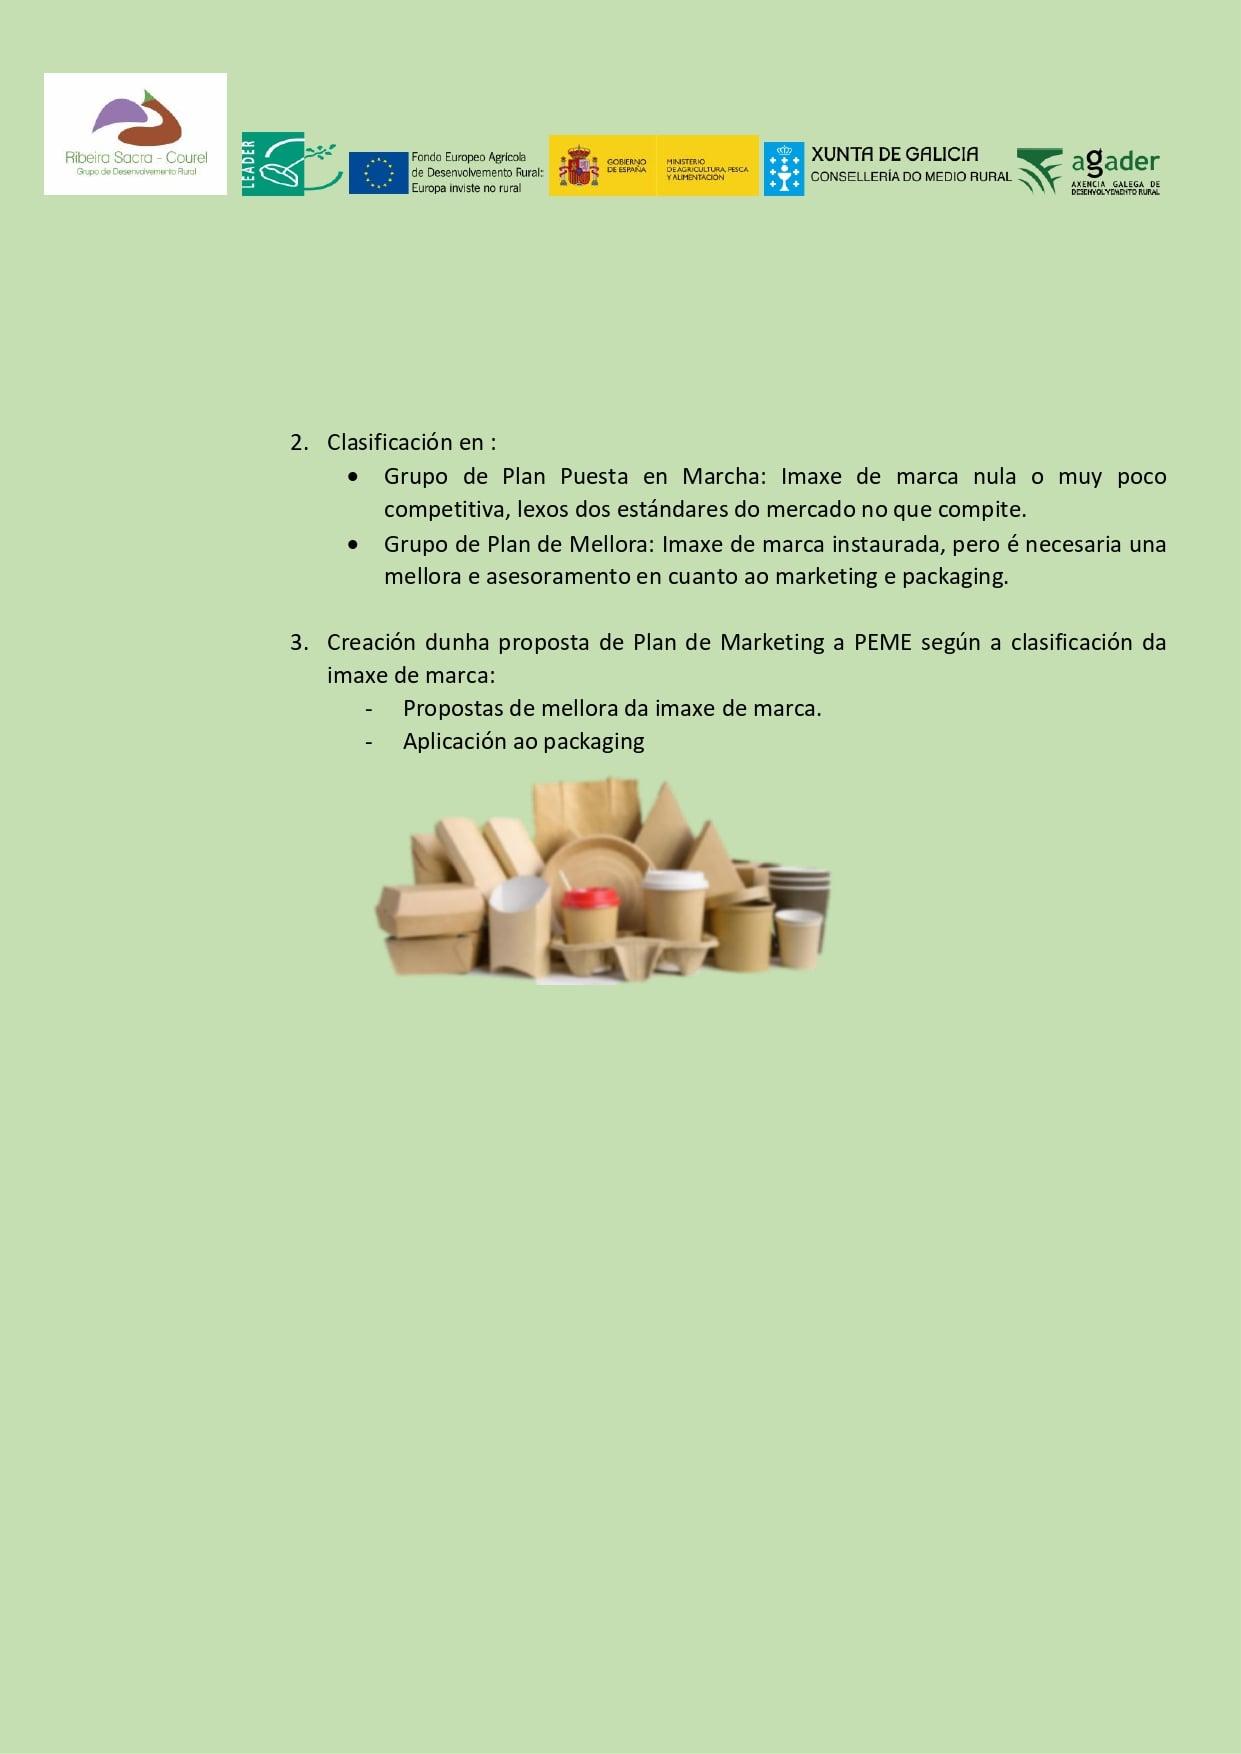 Proyecto de impulso de la imagen de marca y packaging de las pymes. Página 3